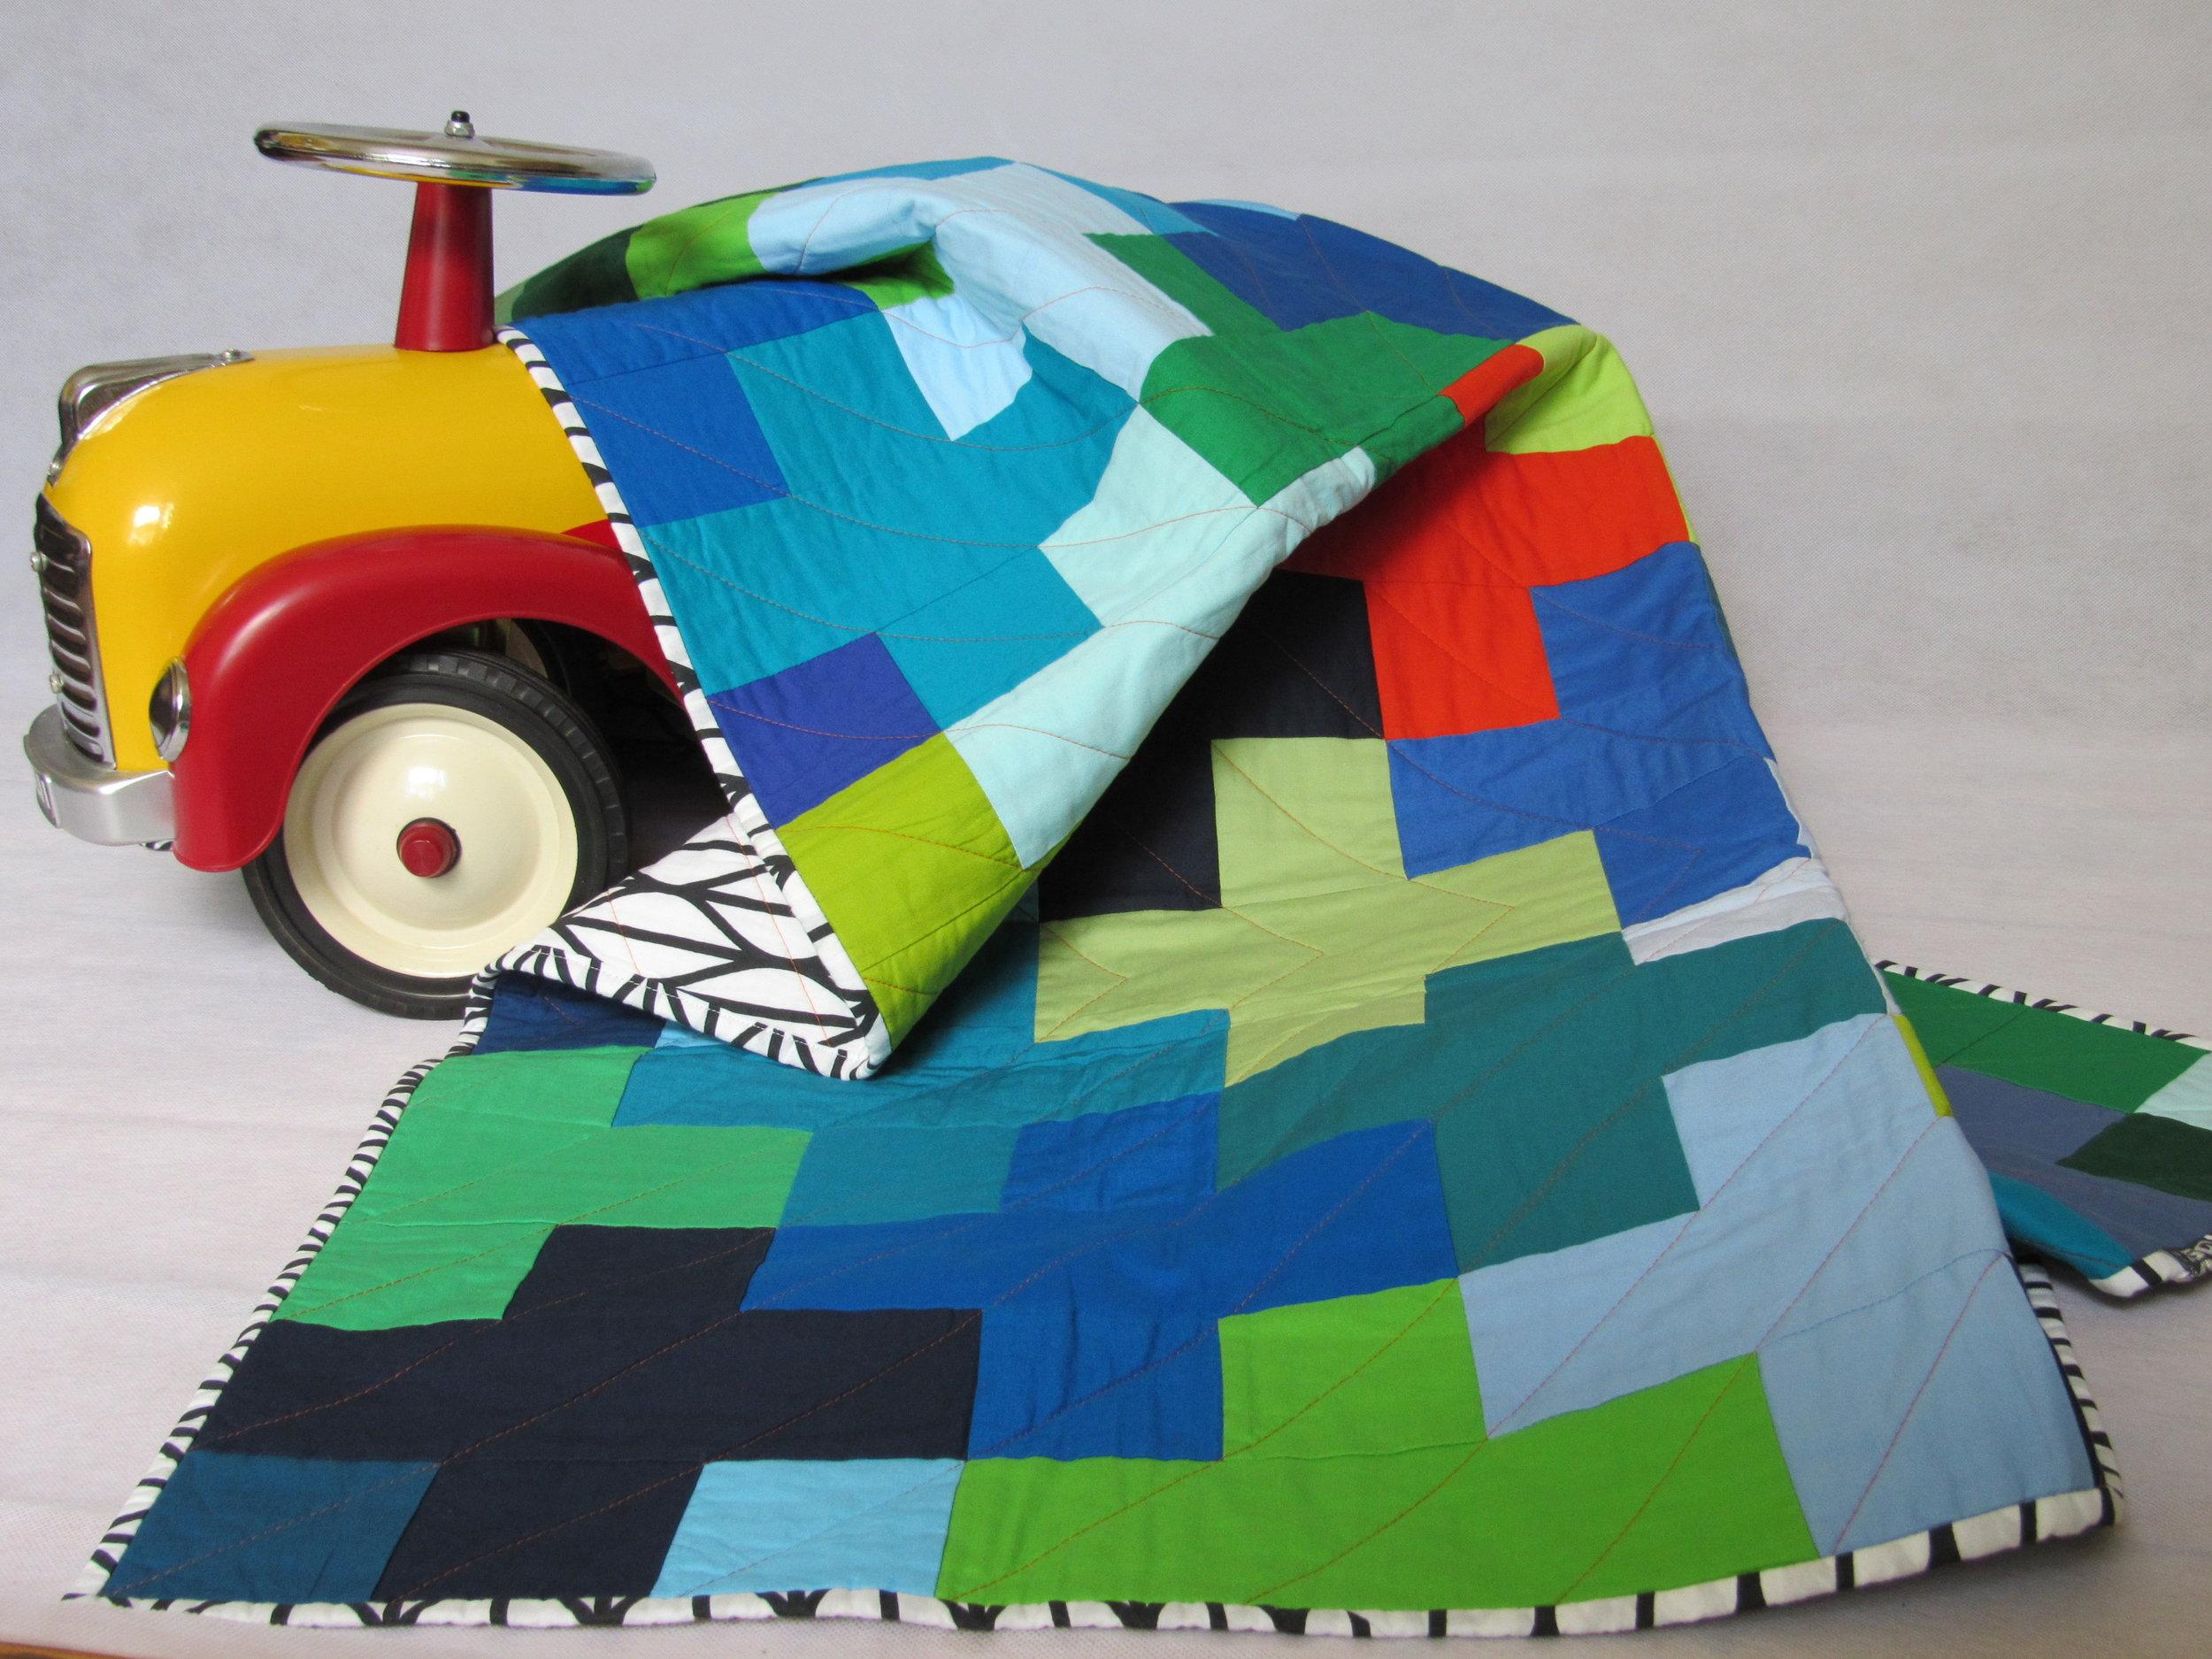 Handmade in SE20